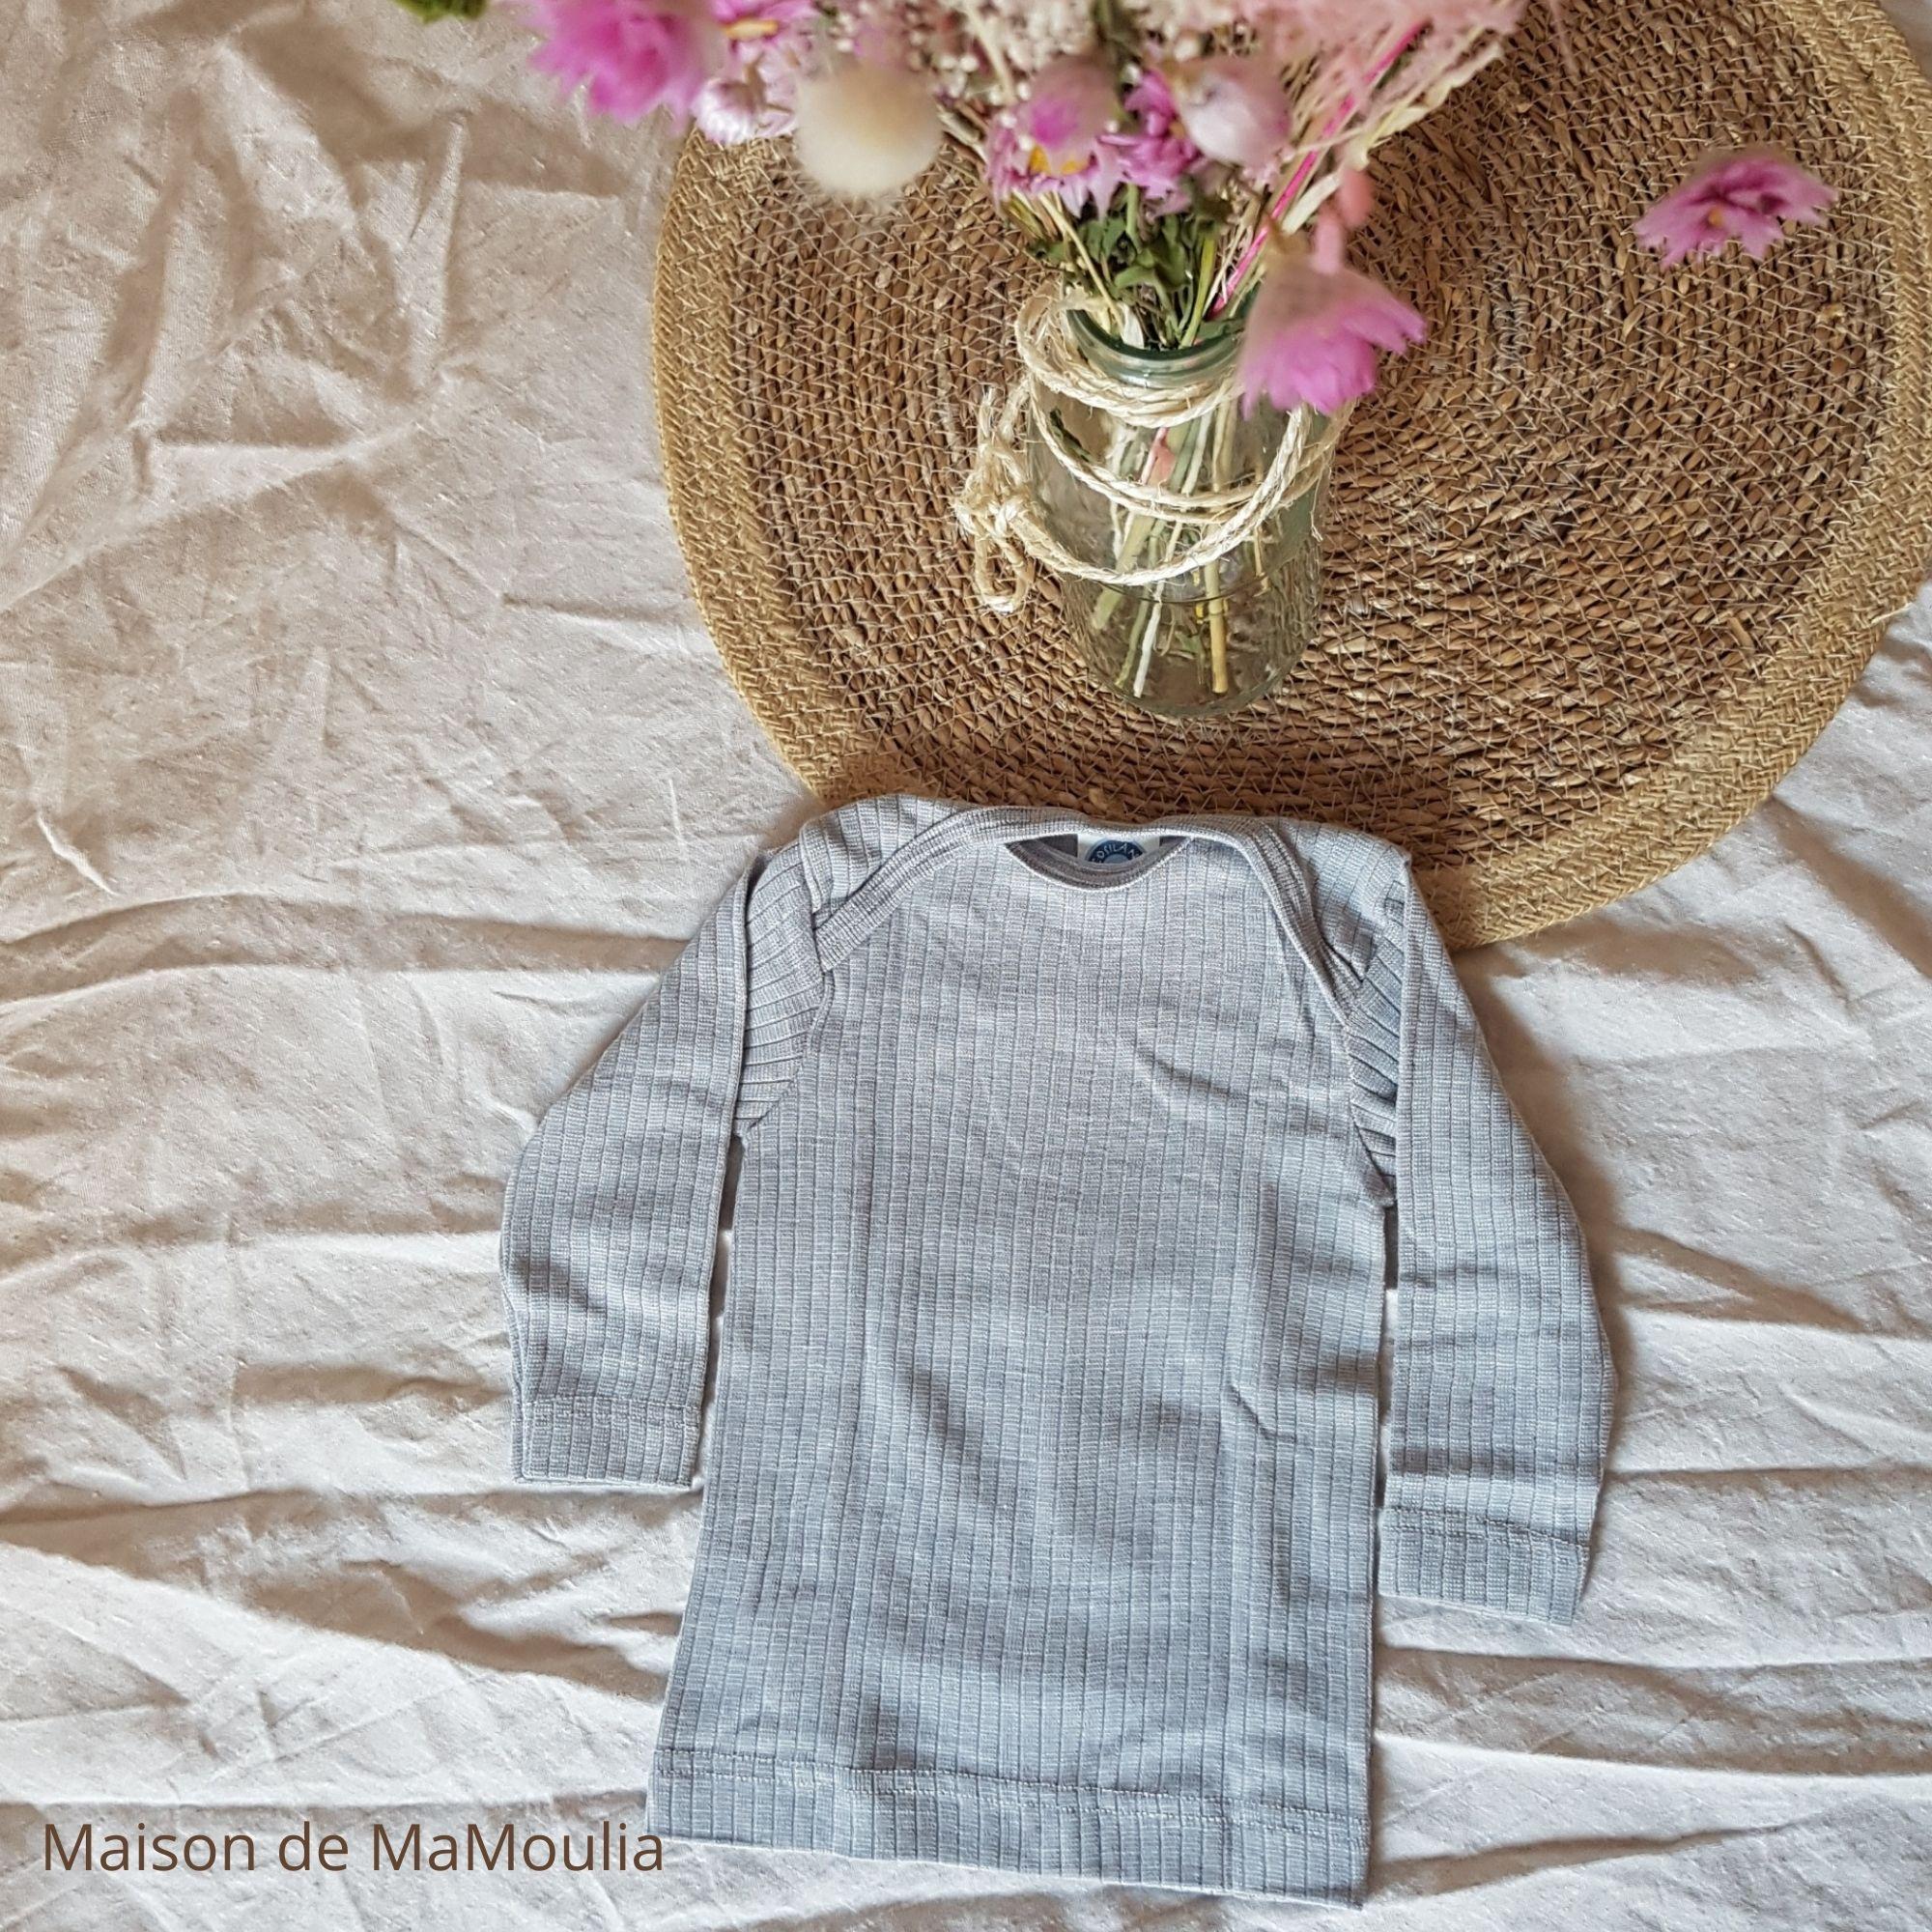 COSILANA - T-shirt manches longues - bébé et enfant - Laine/Soie/Coton bio, Gris clair